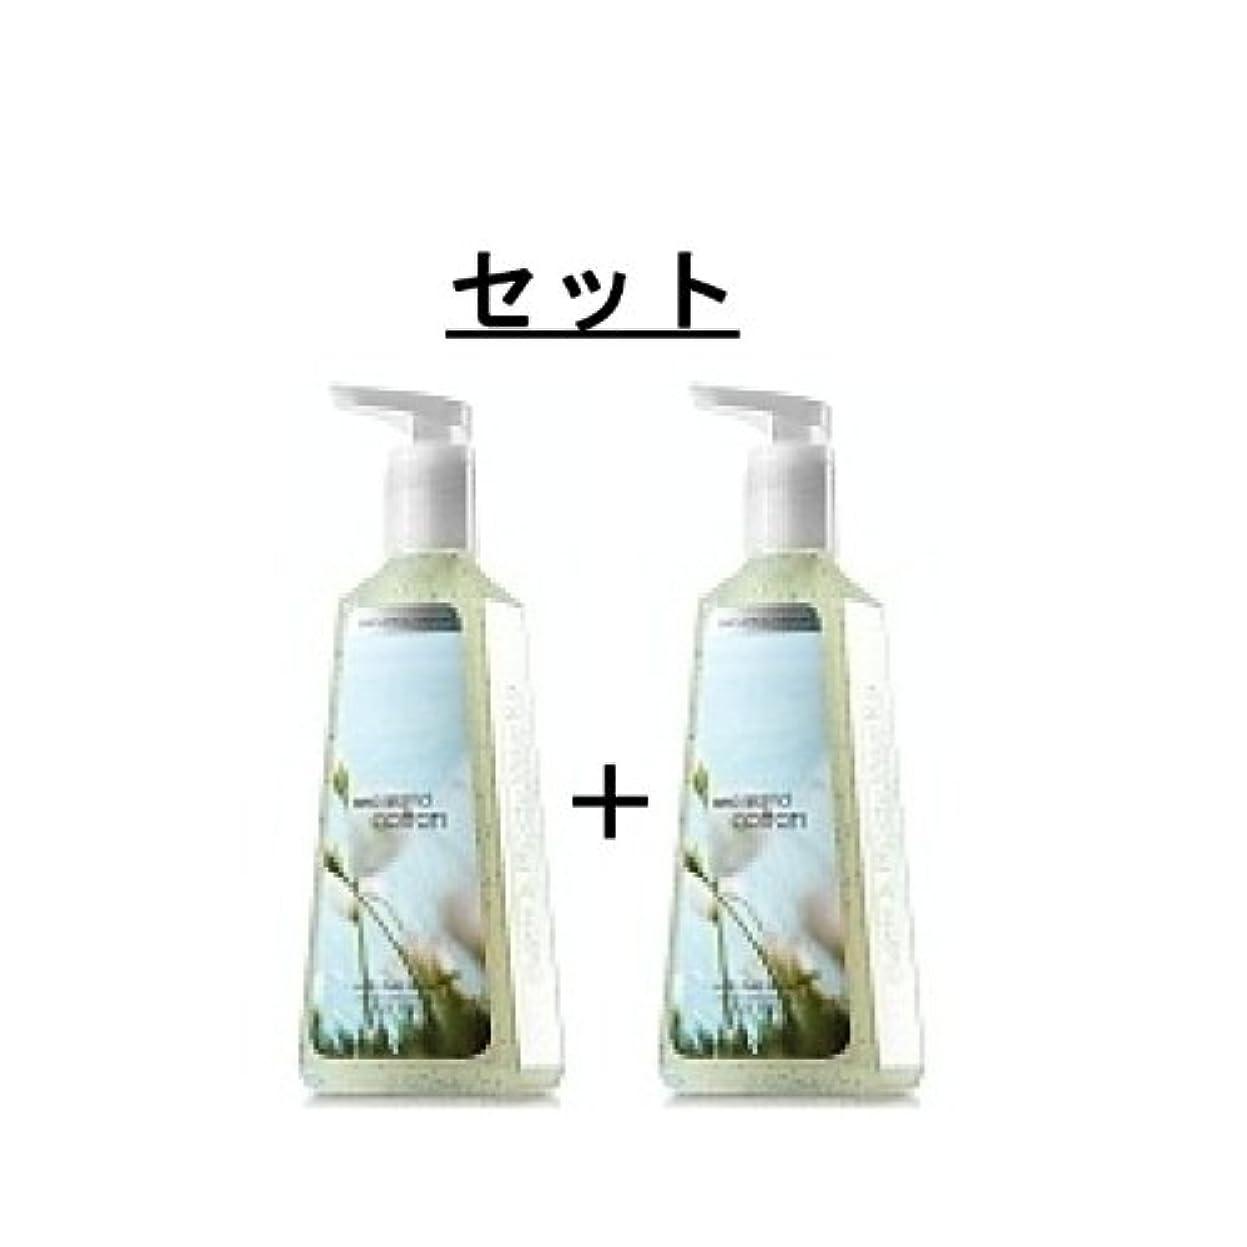 飲料ガム生産性Bath & Body Works Sea Island Cotton Antibacterial Deep Cleansing Hand Soap Set of 2 シーアイランドコットン【並行輸入品】